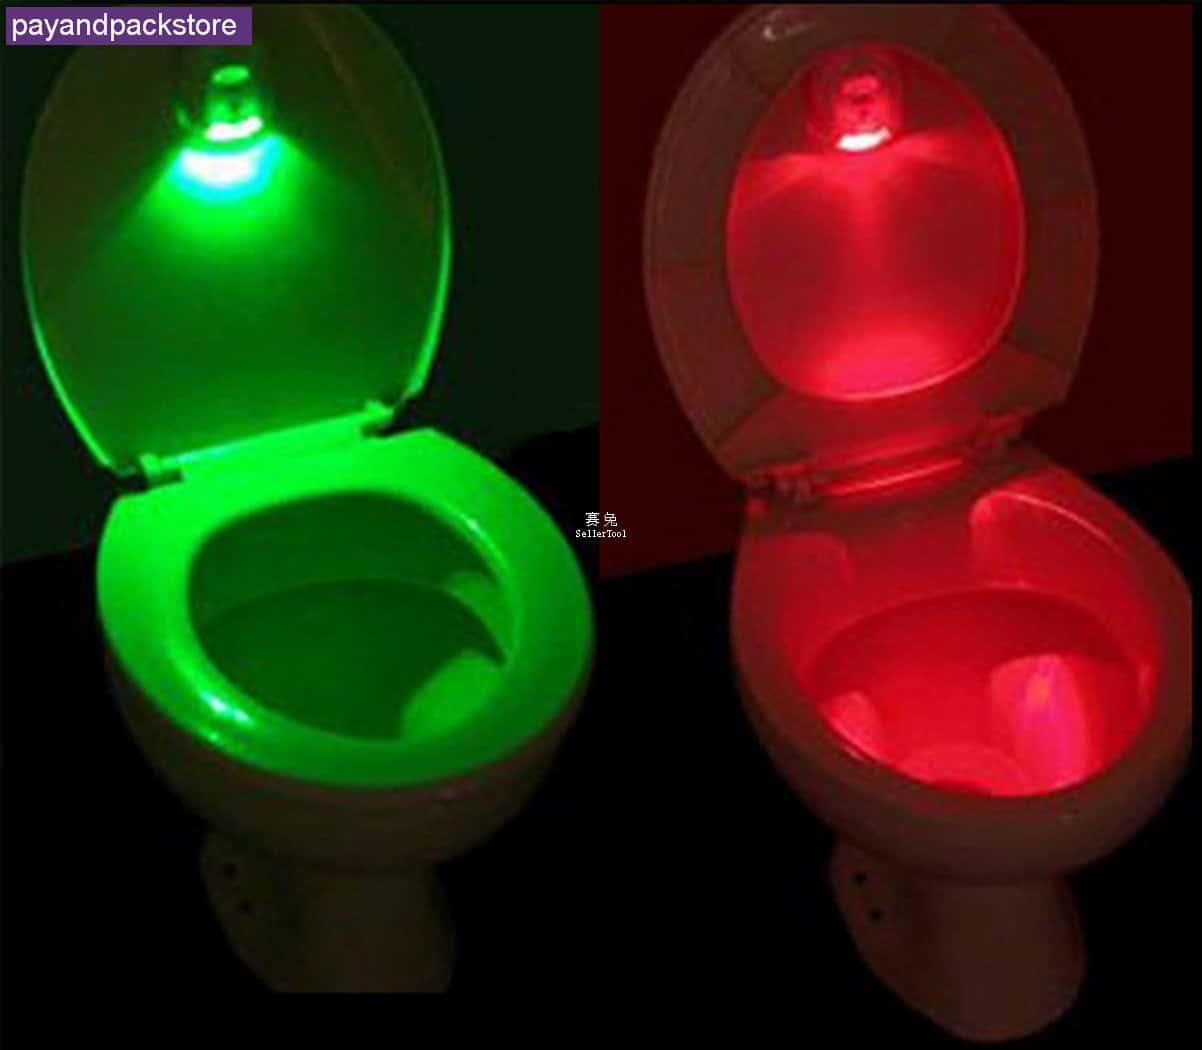 toiletten licht toiletlight es zeigt euch im dunkeln an ob die klobrille oben rotes licht. Black Bedroom Furniture Sets. Home Design Ideas